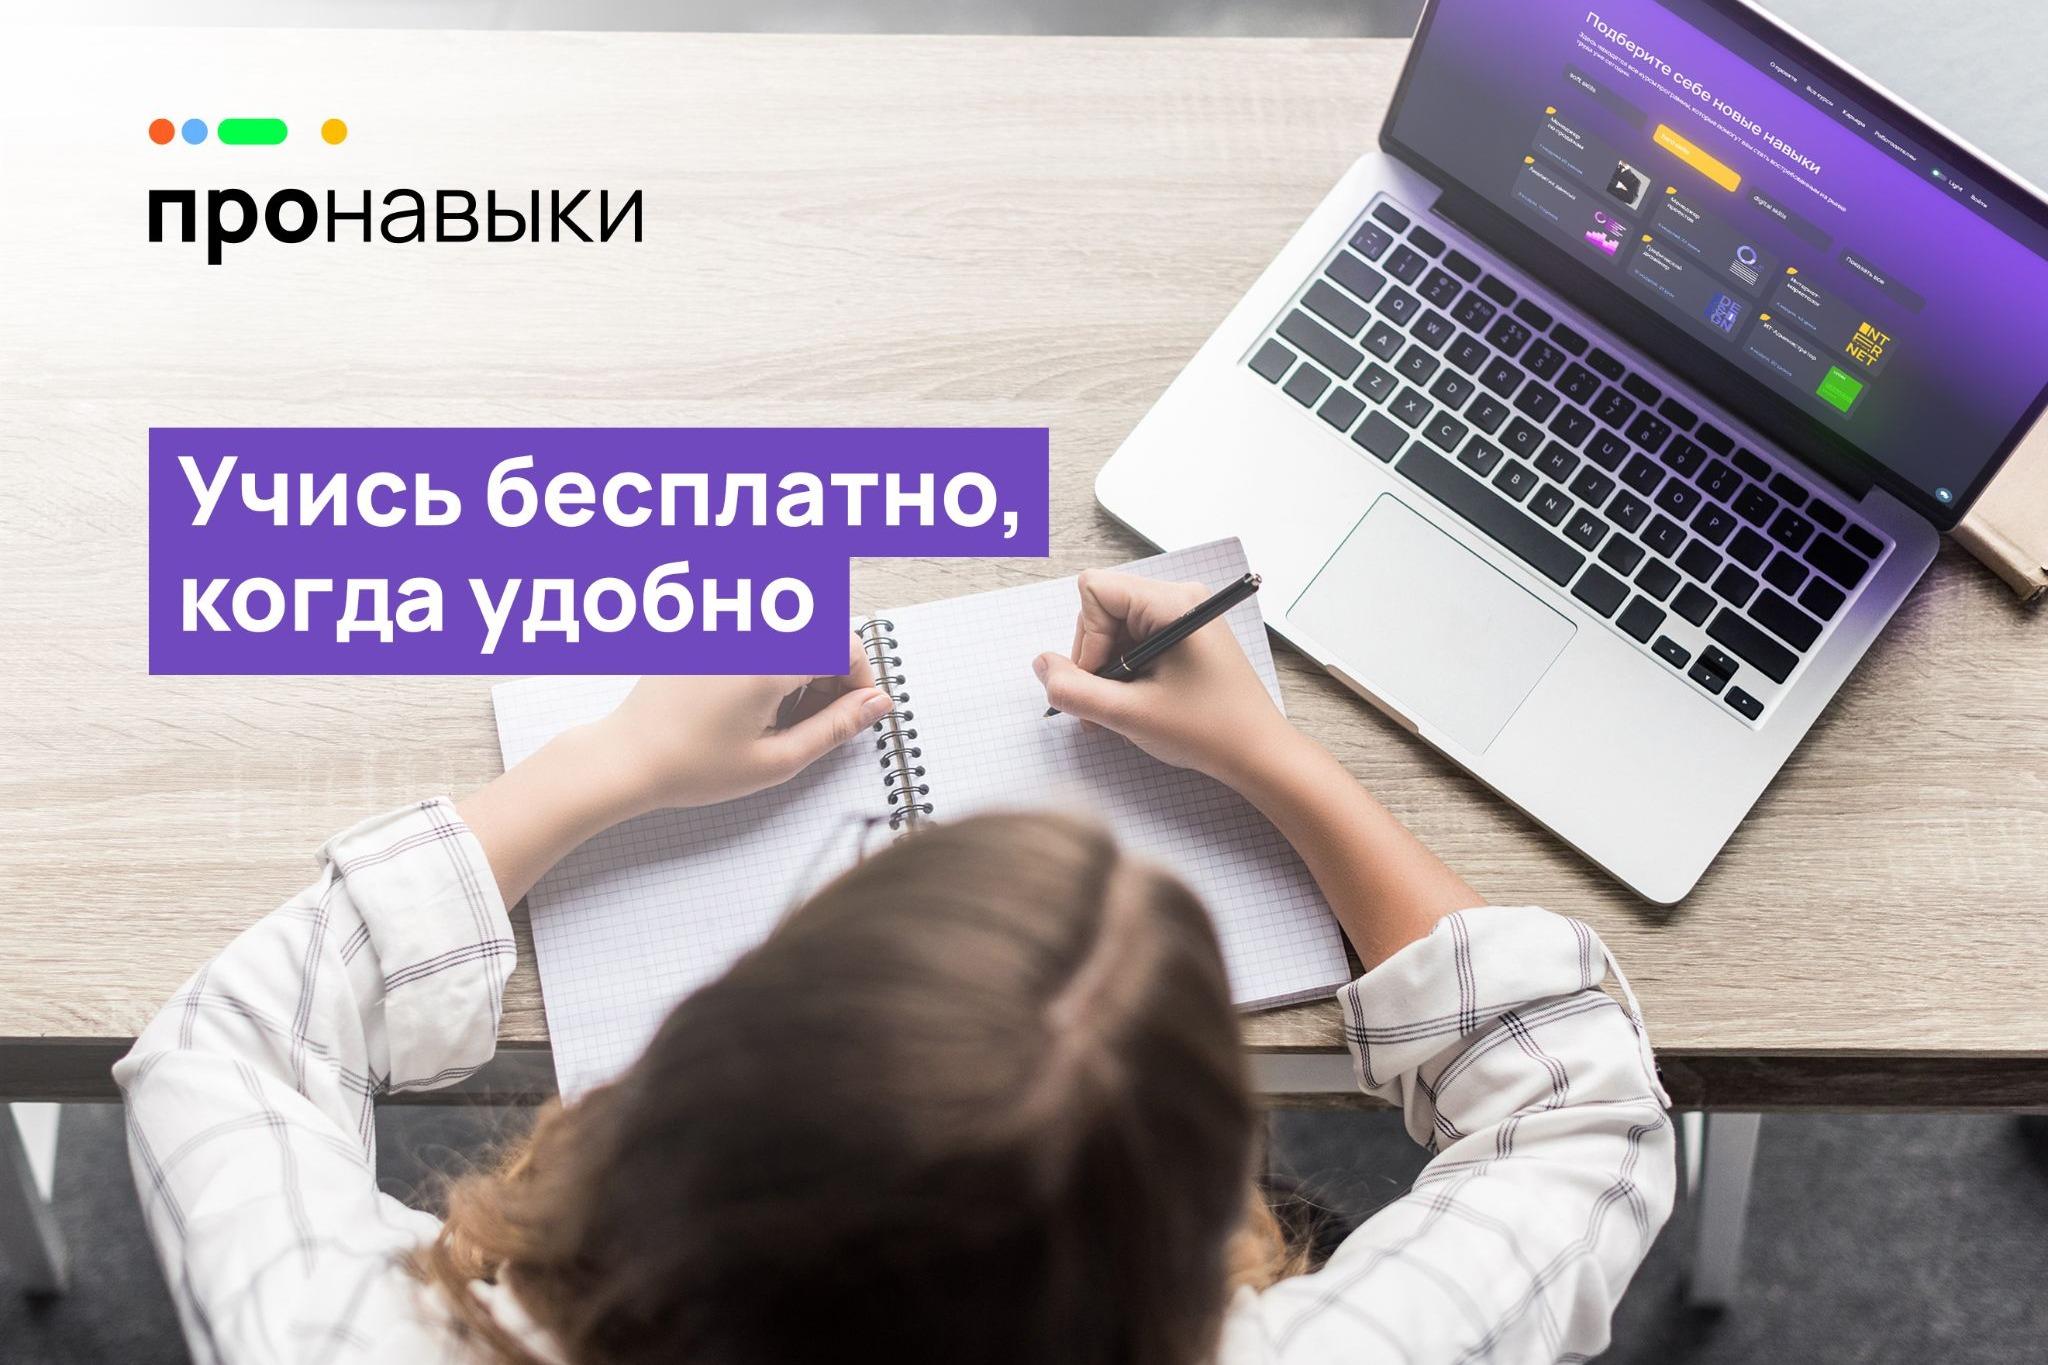 Приглашаем северян принять участие в инициативе «ПРОНАВЫКИ.РФ» по обучению цифровым навыкам и улучшению карьерных возможностей